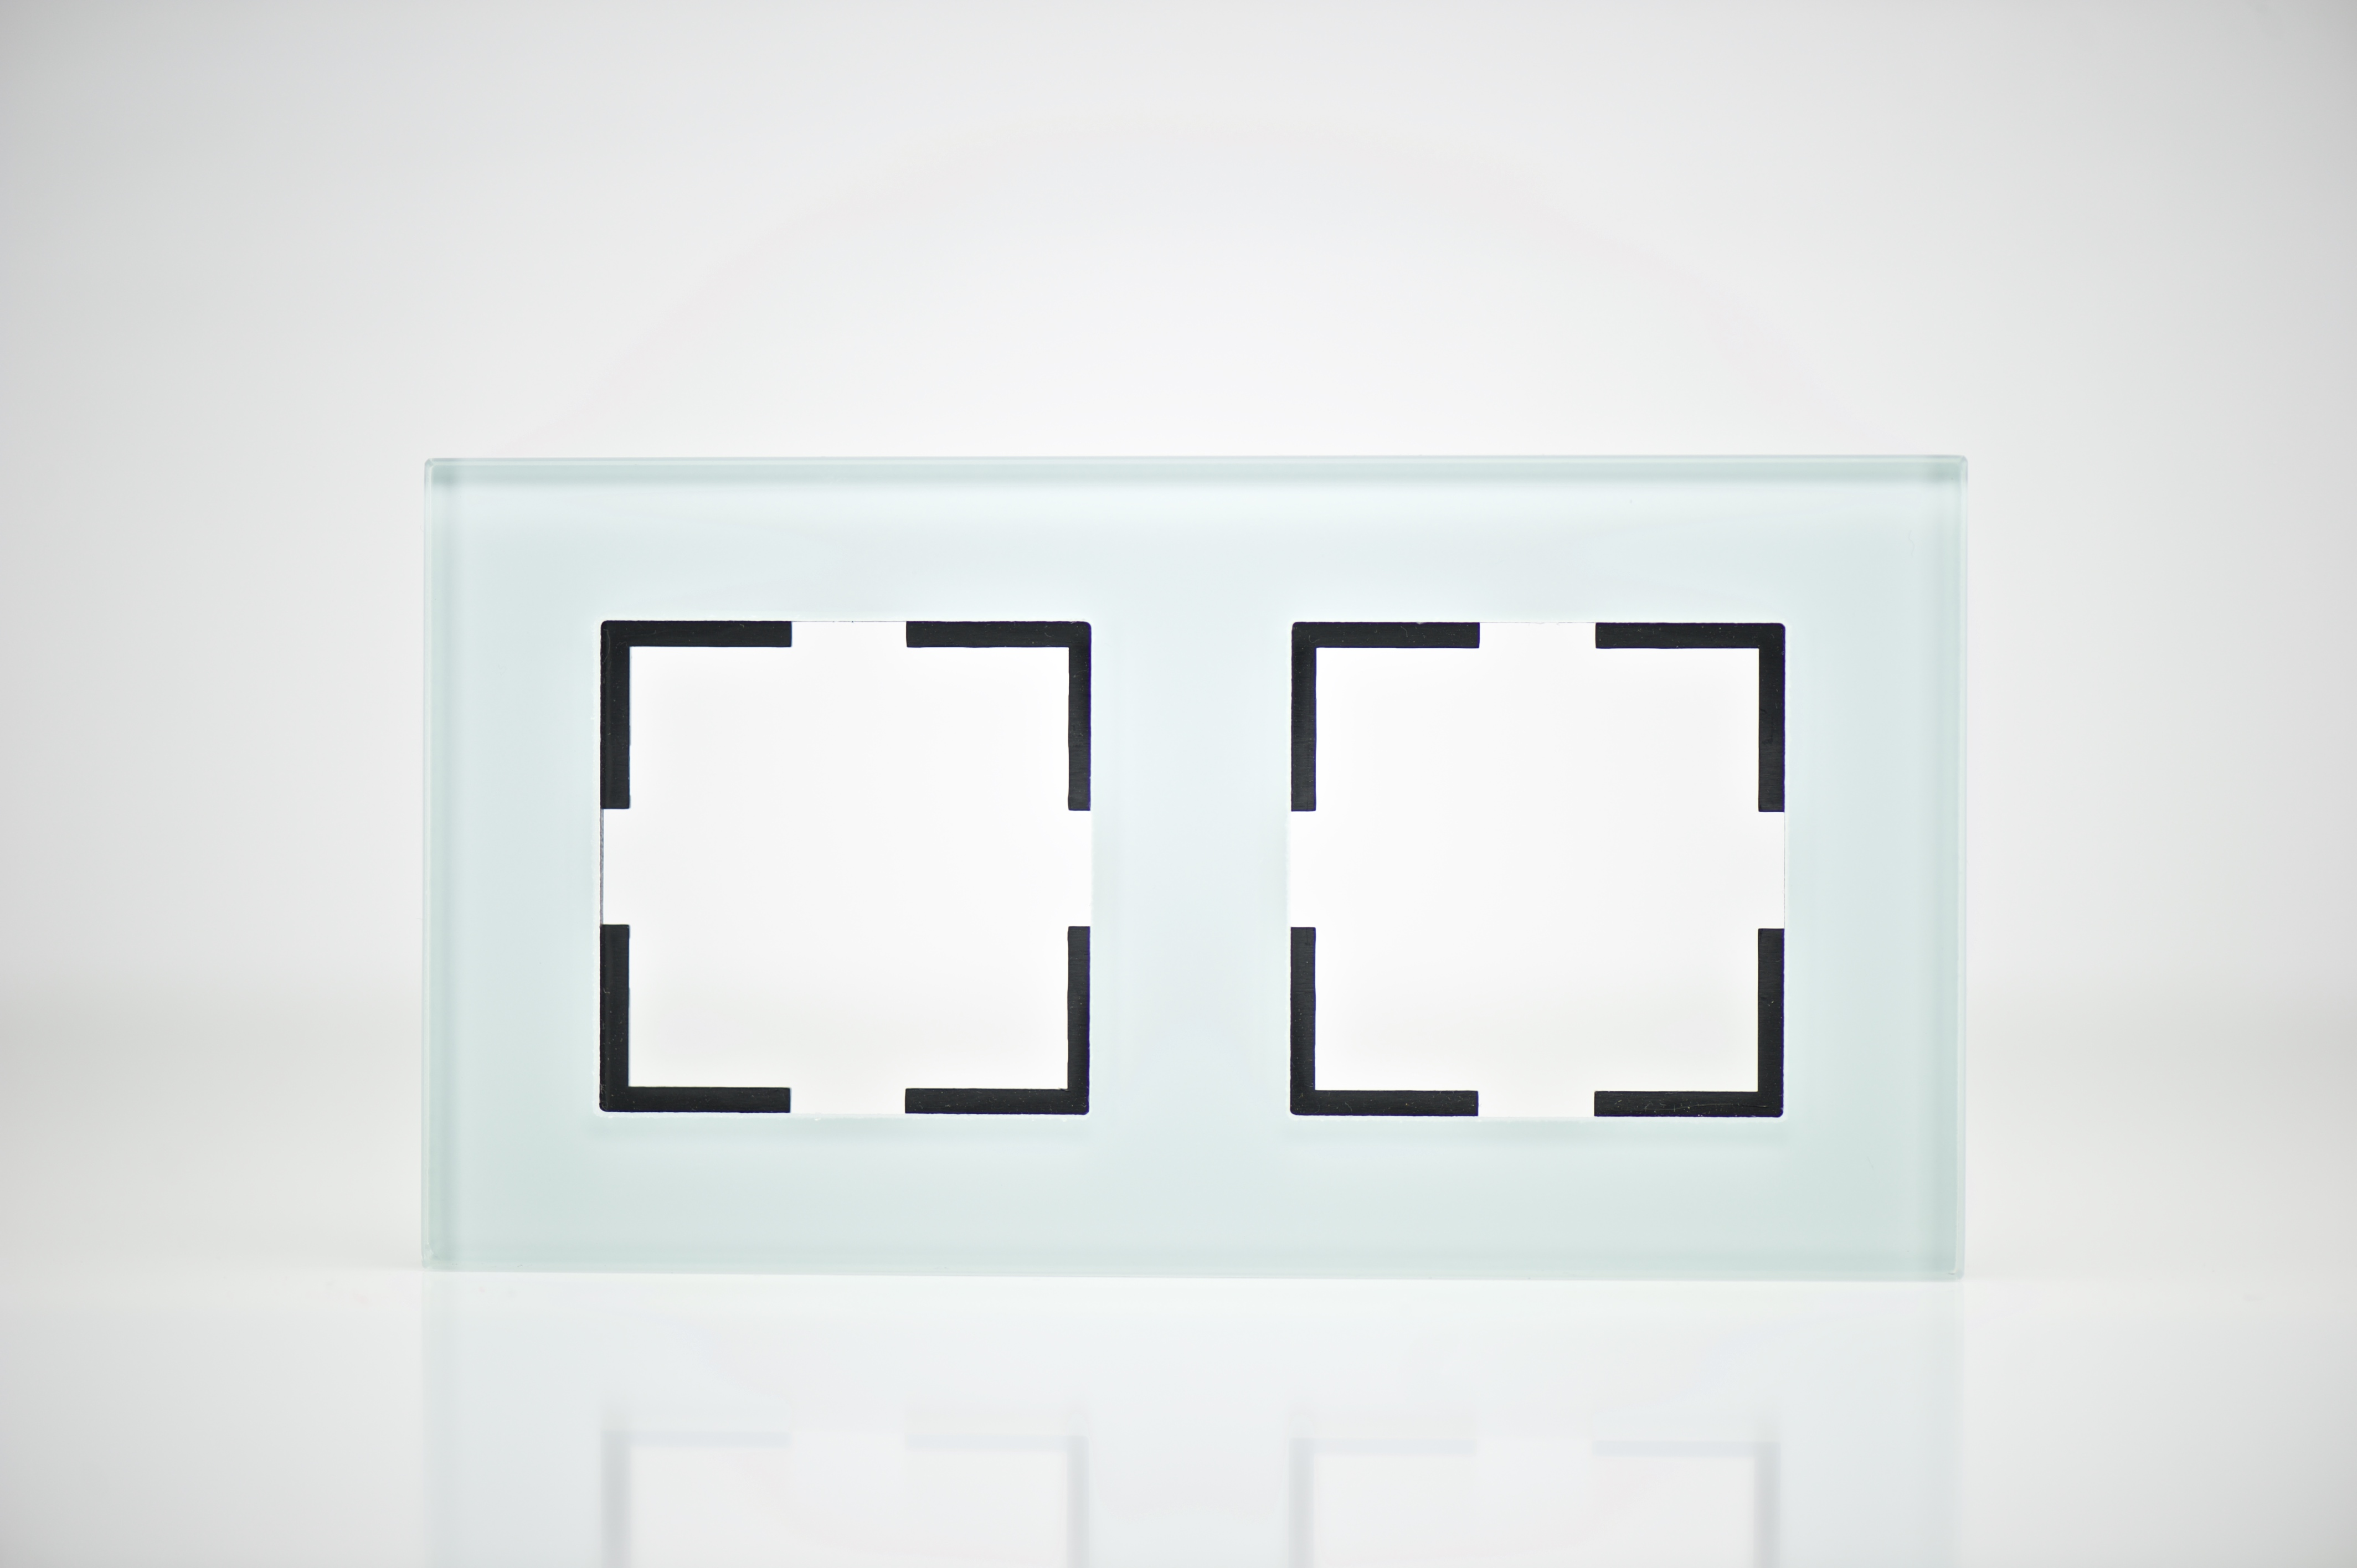 Plaque De Finition Verre Vert 2 Postes 84x159x10mm Distock Matriel Lectrique Et Solutions